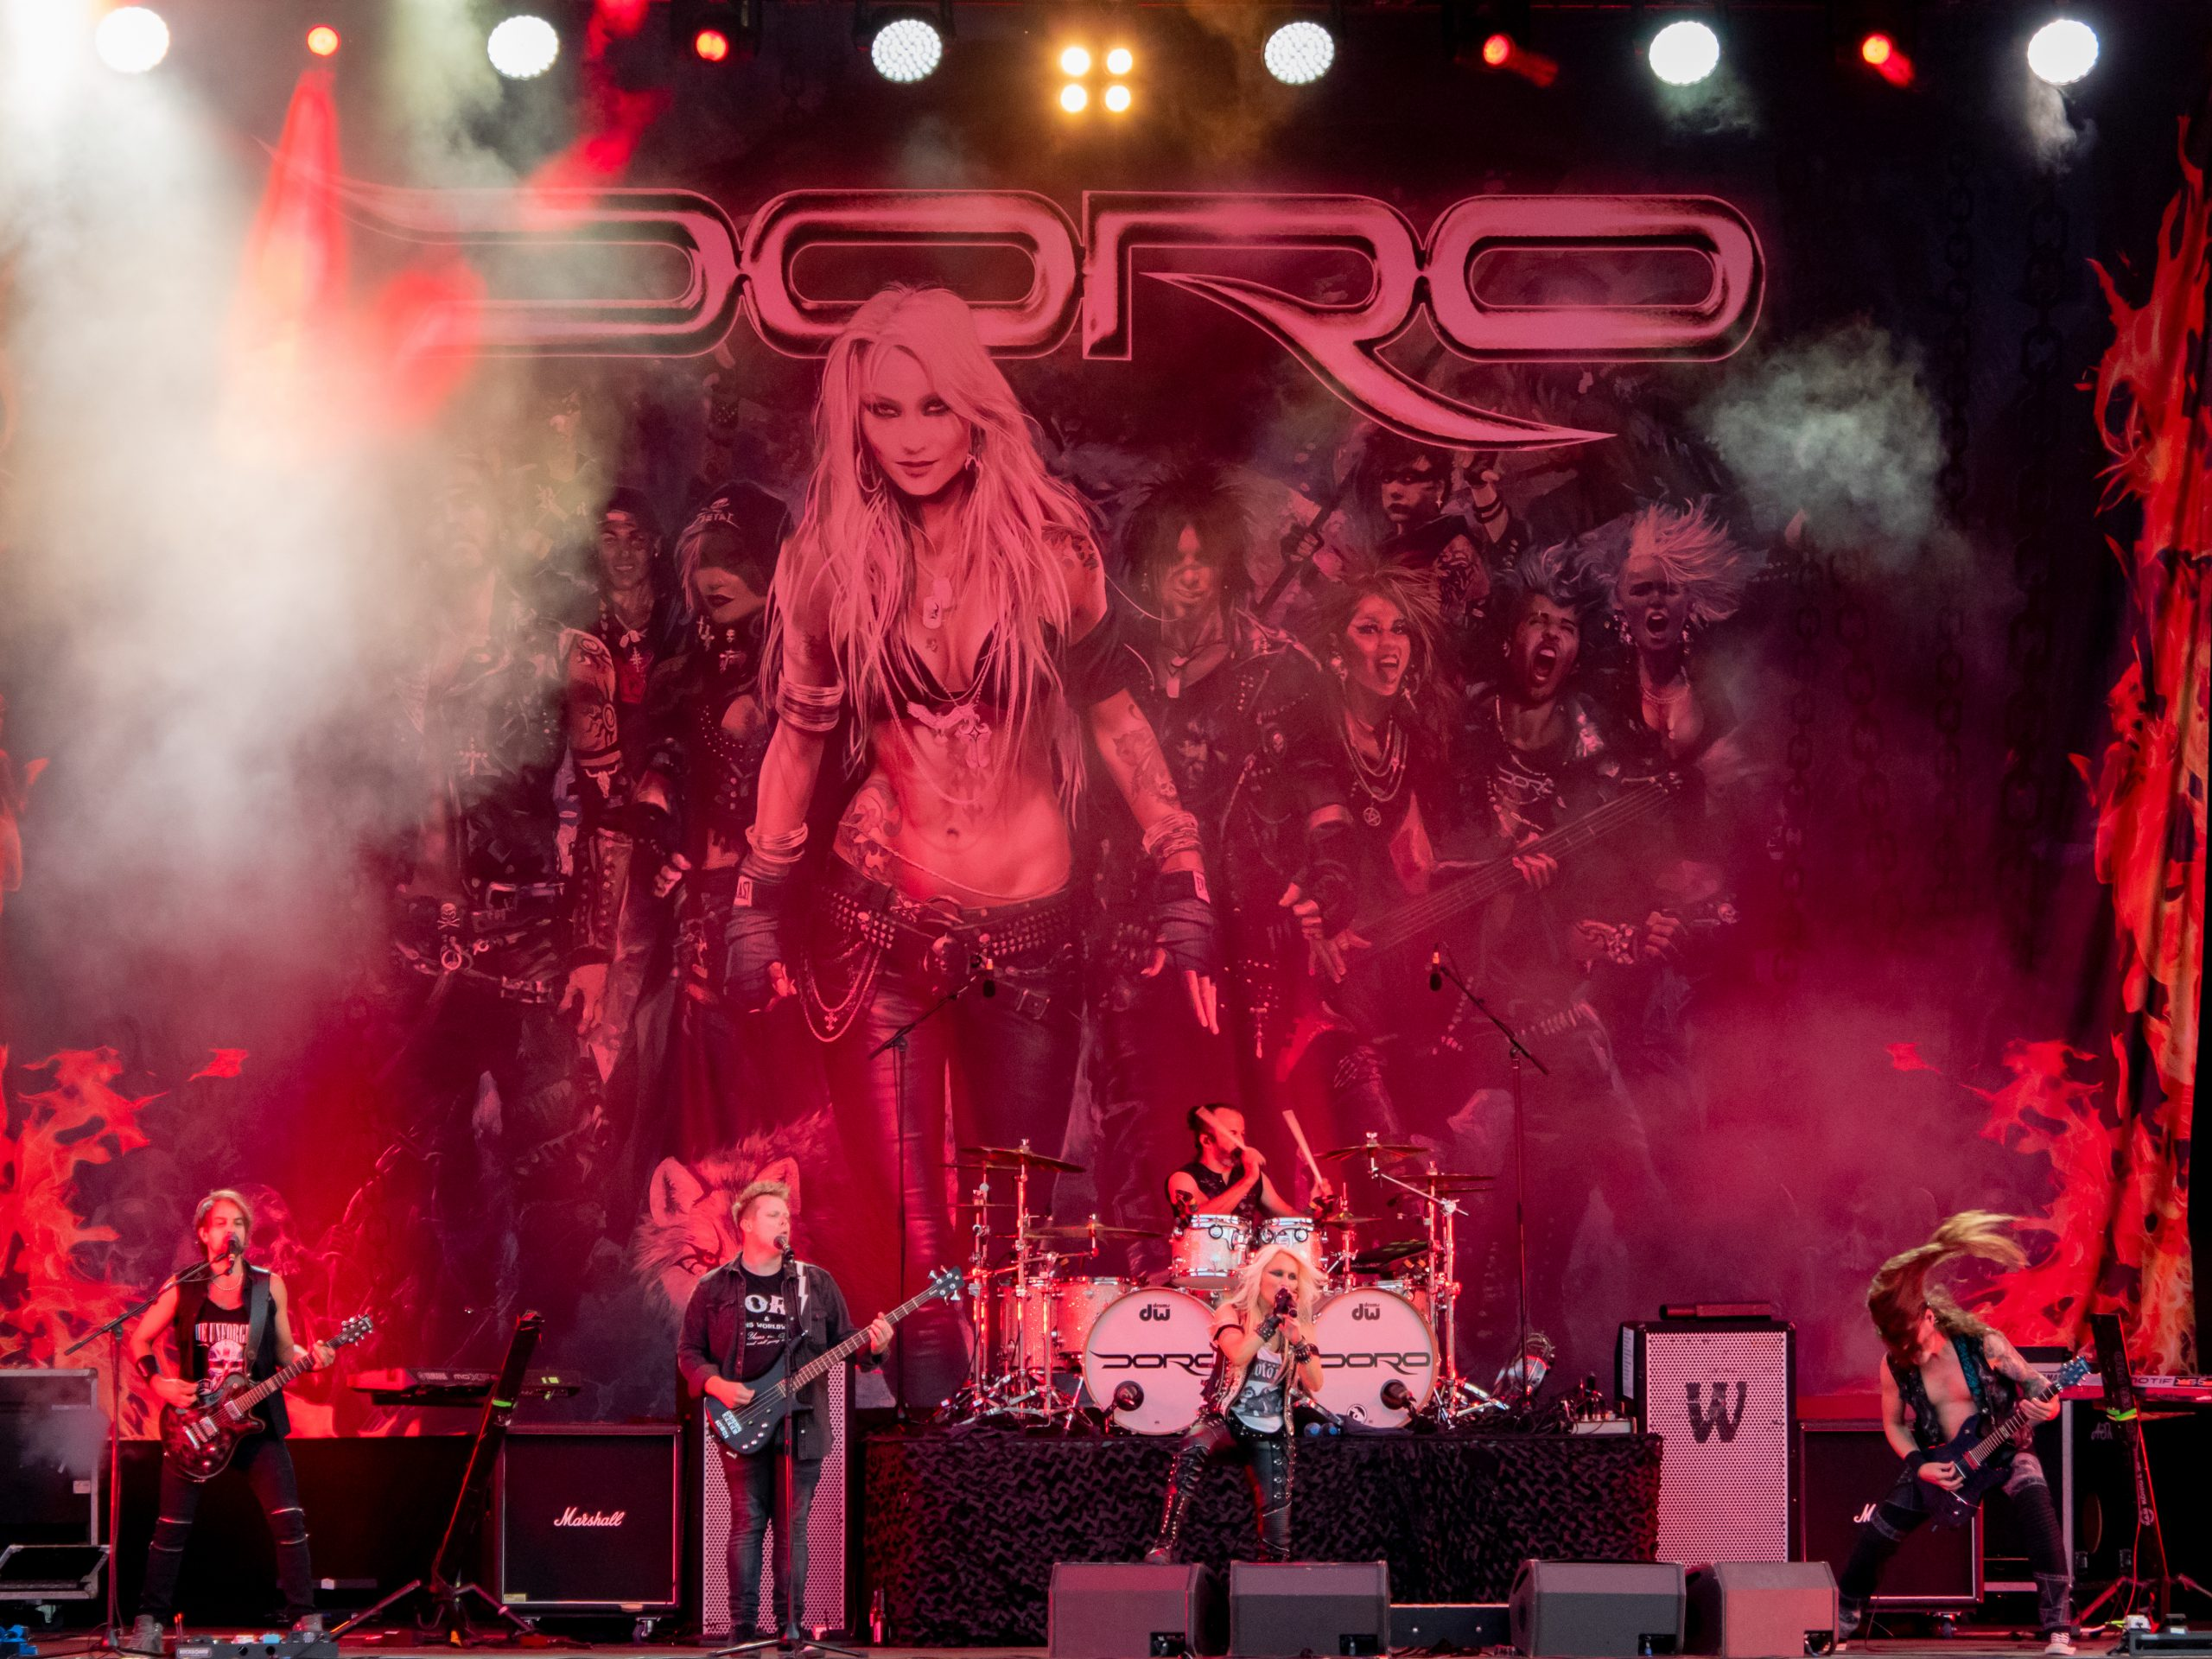 metal-queen-doro-rockte-vor-strandkoerben-in-moenchengladbach